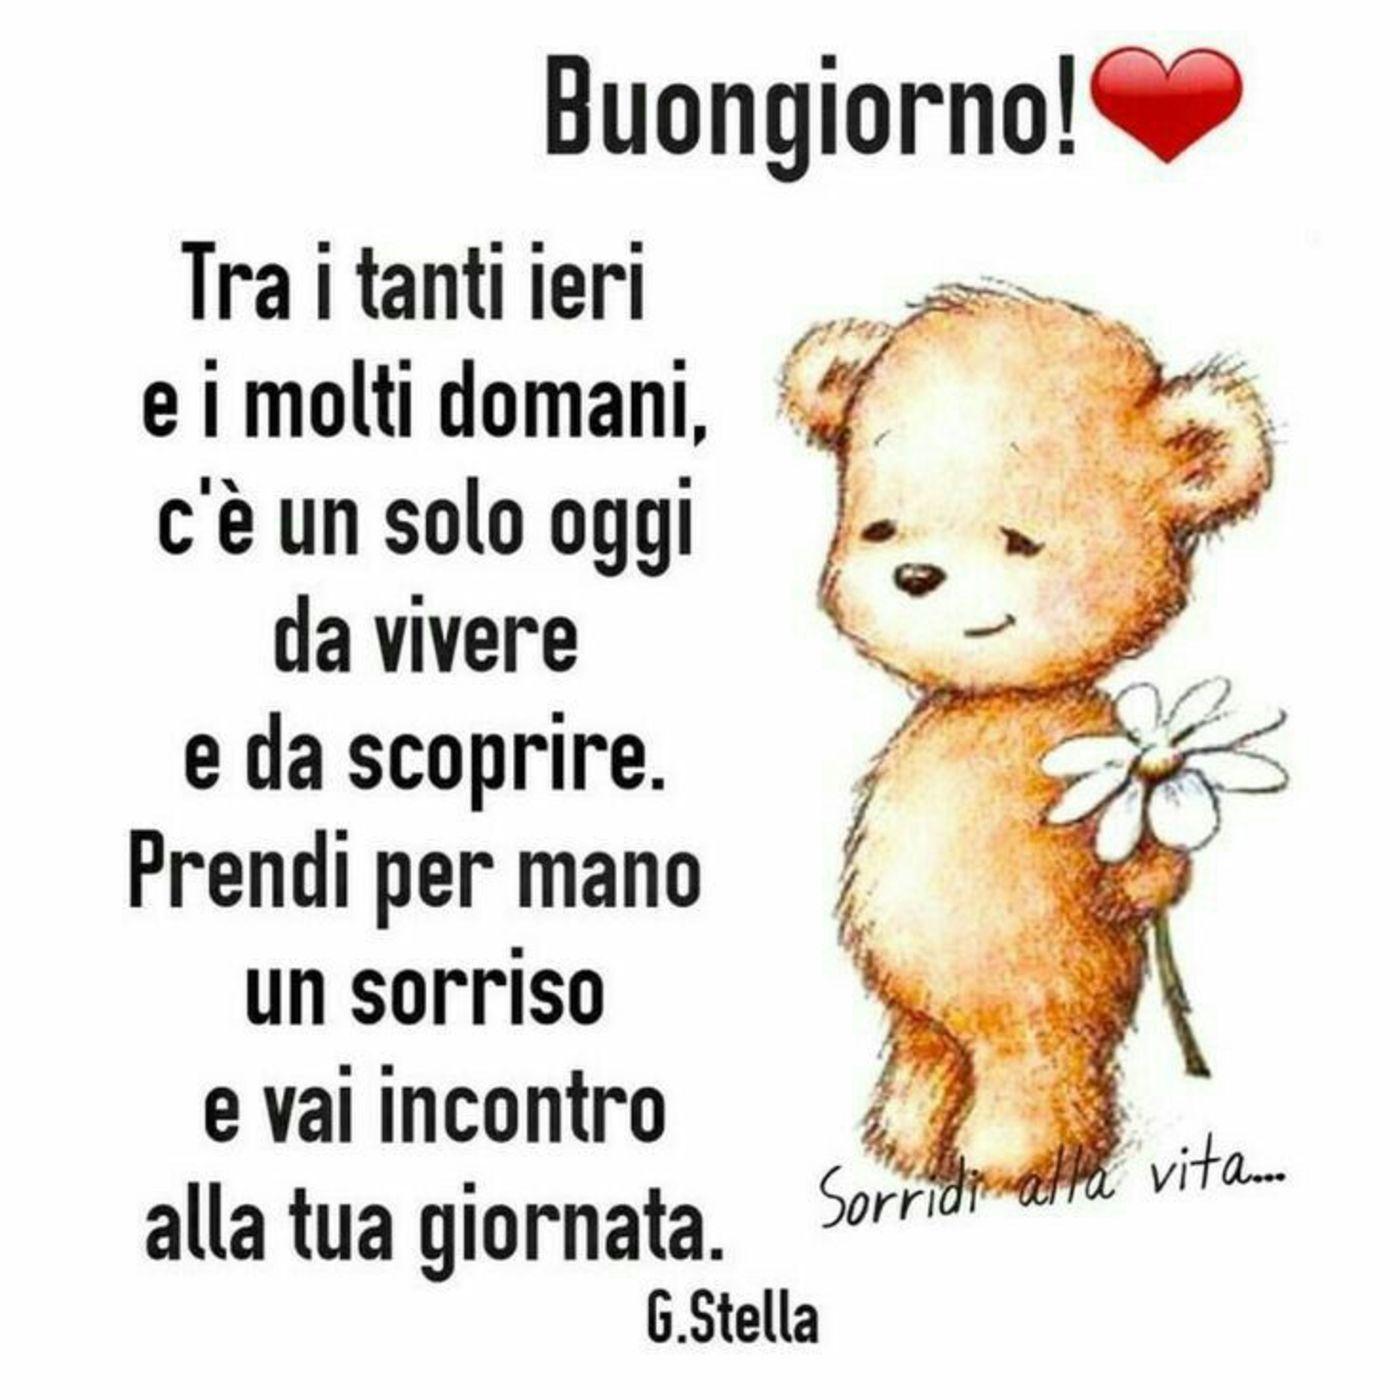 Buongiorno amore mio immagini - BuongiornissimoCaffe.it